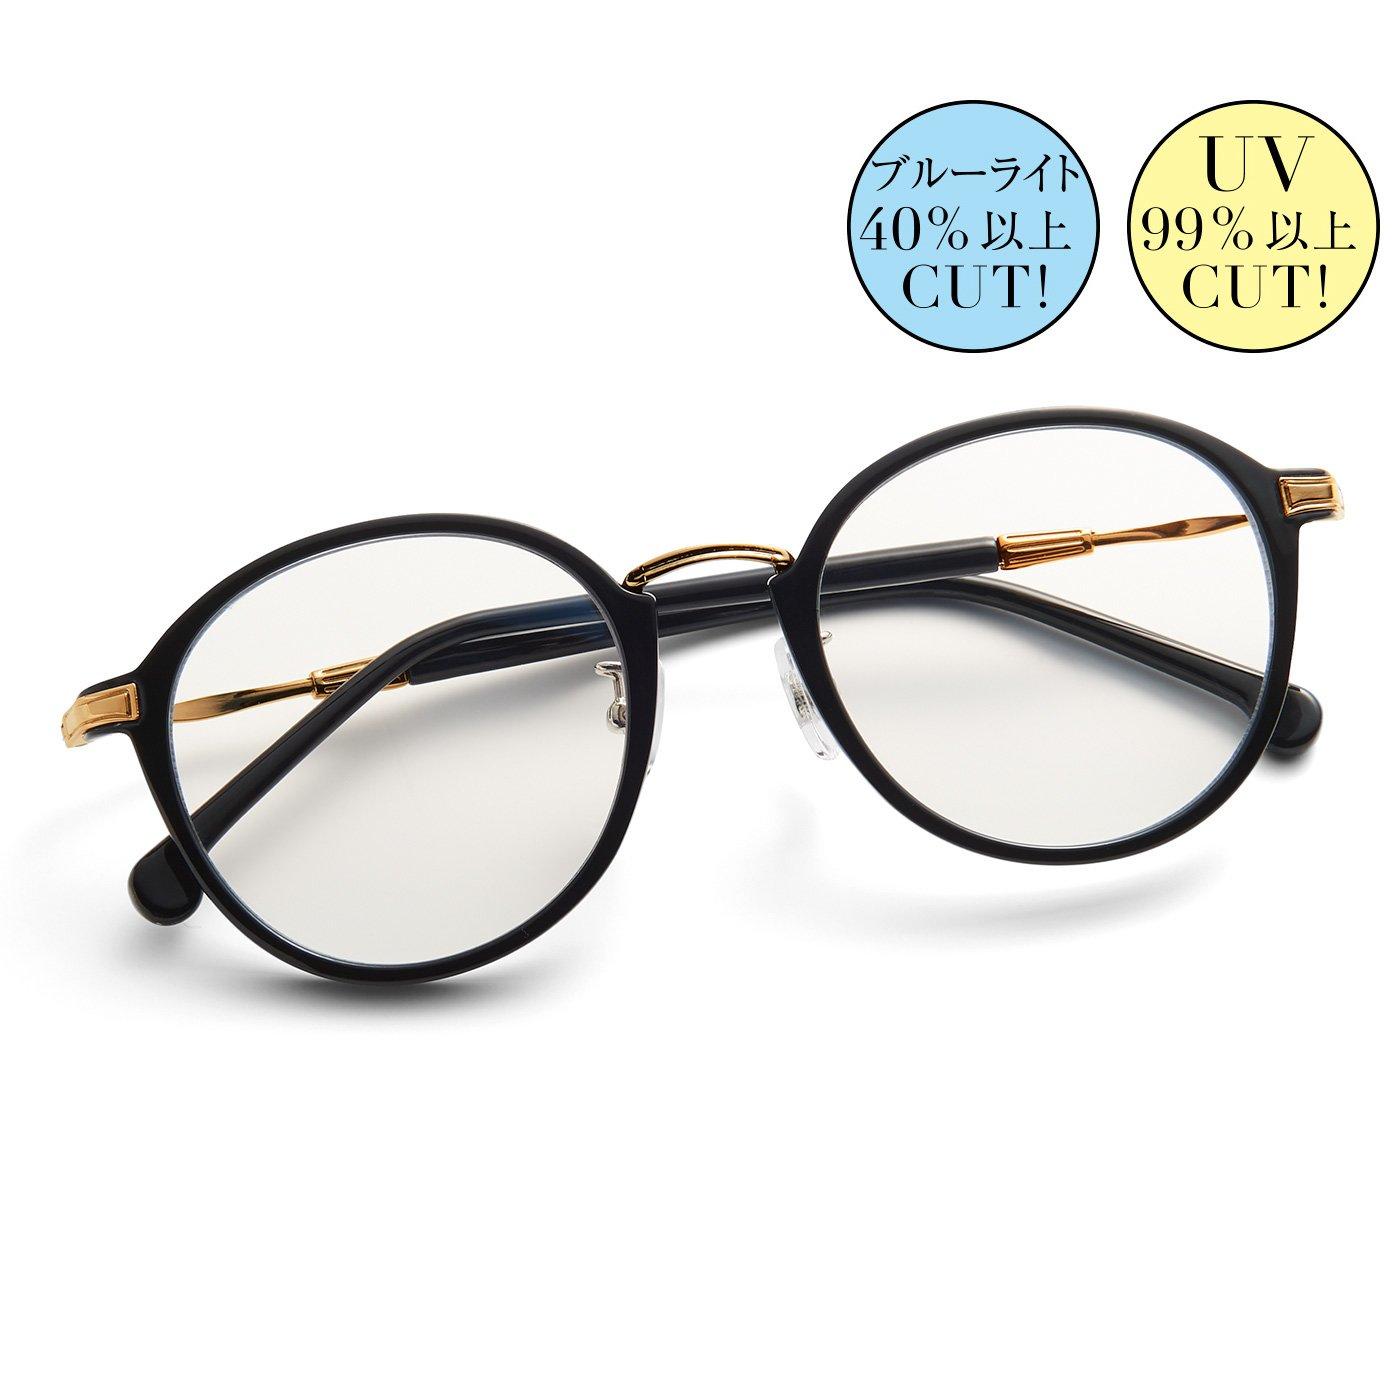 【3~10日でお届け】IEDIT[イディット] 紫外線とブルーライトから瞳を守る 大人好みの眼鏡見えサングラス〈ブラック〉